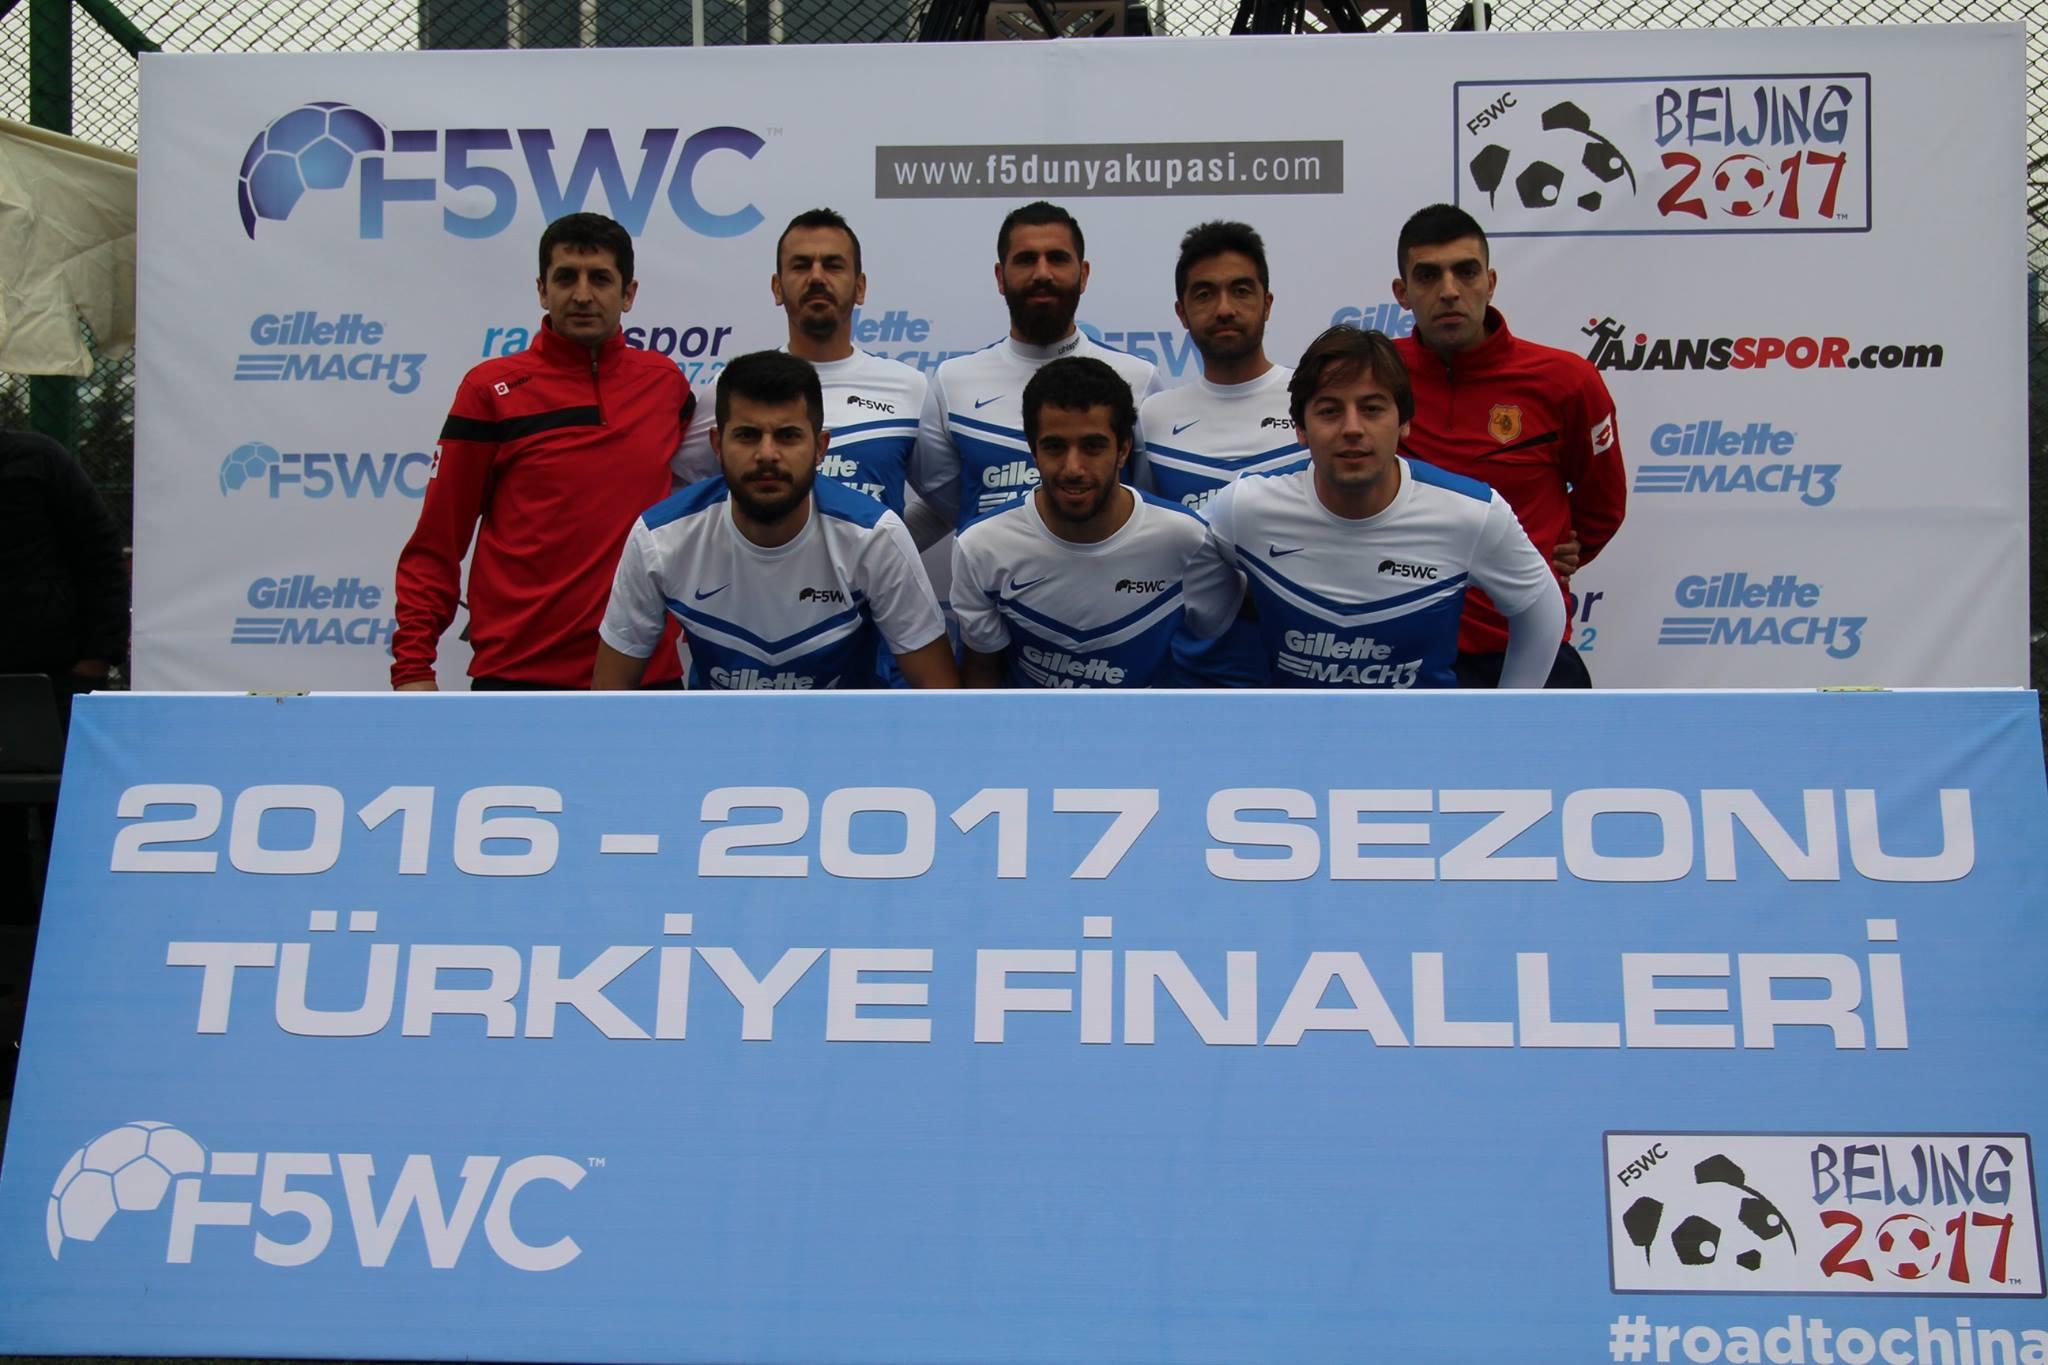 F5WC 2017 Türkiye Finalleri başladı